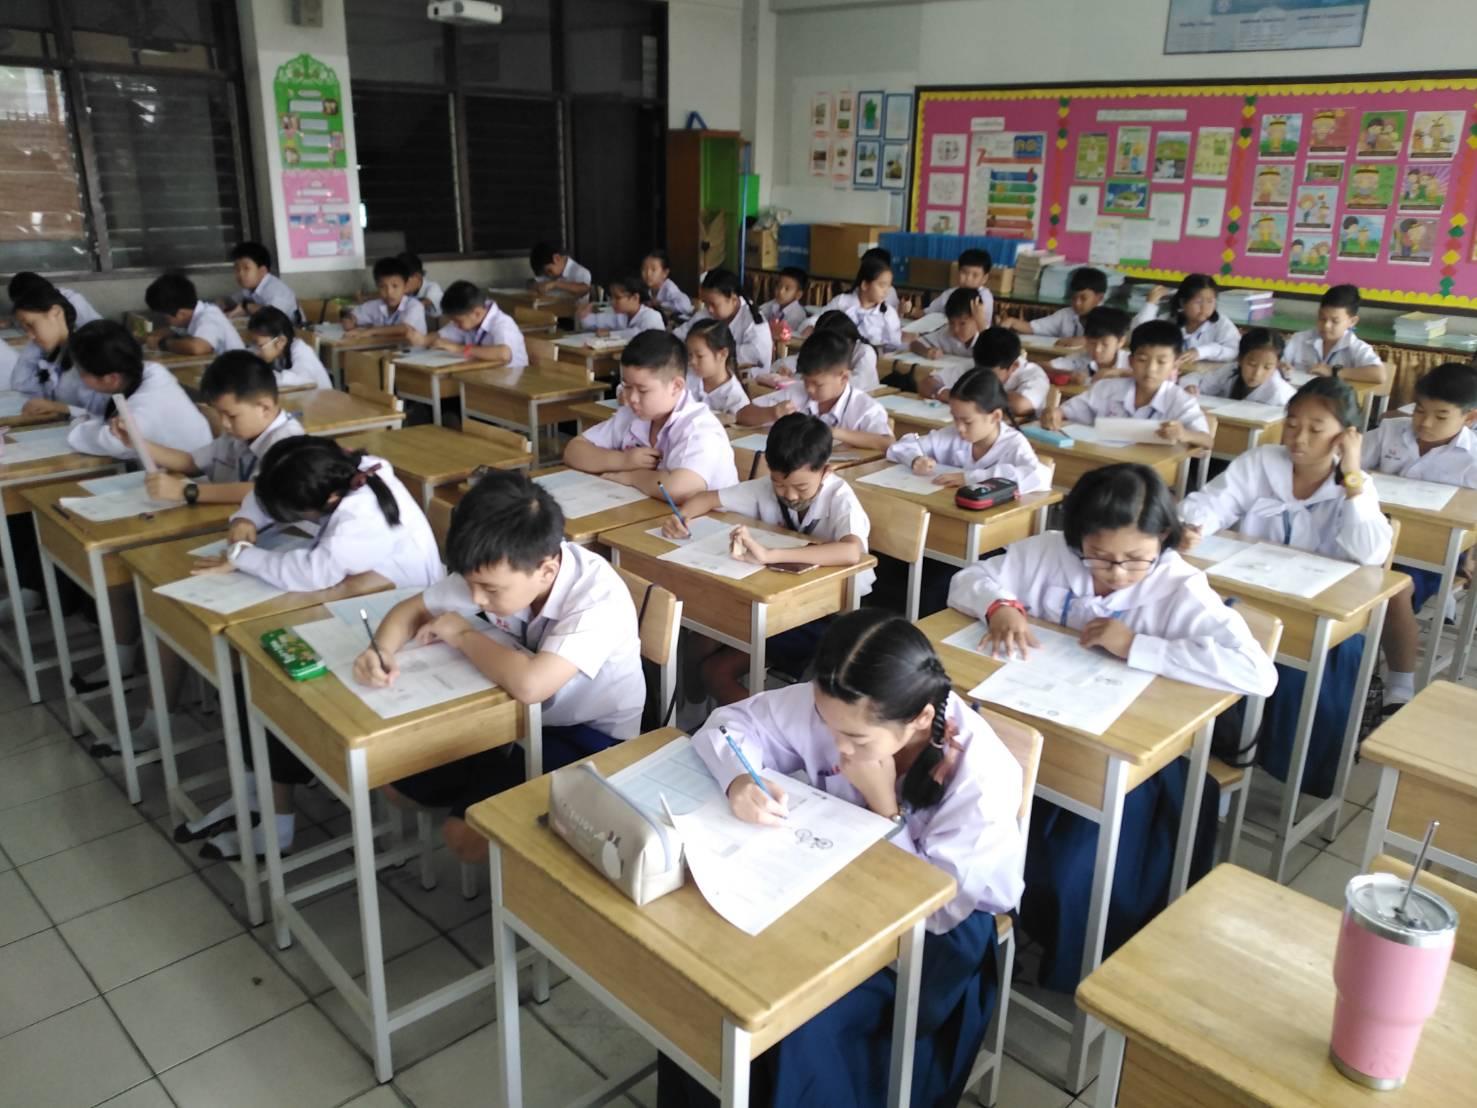 นักเรียนเข้าสอบโครงการประเมินและพัฒนาสู่ความเป็นเลิศทางคณิตศาสตร์และวิทยาศาสตร์ (TEDET)